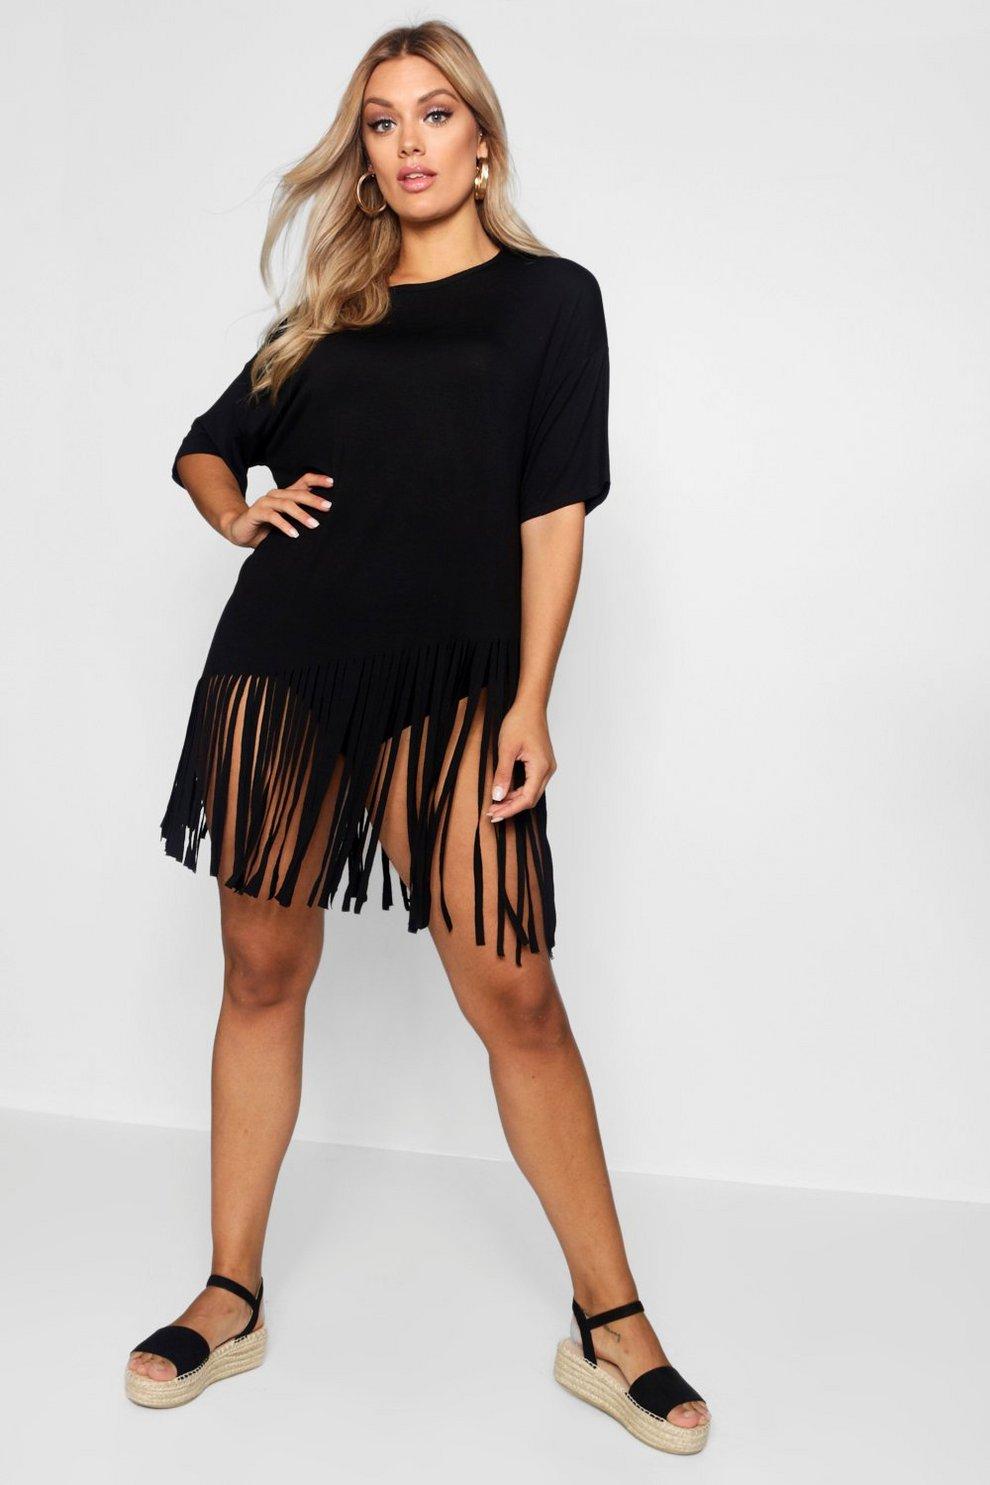 Strandkleid schwarz mit fransen